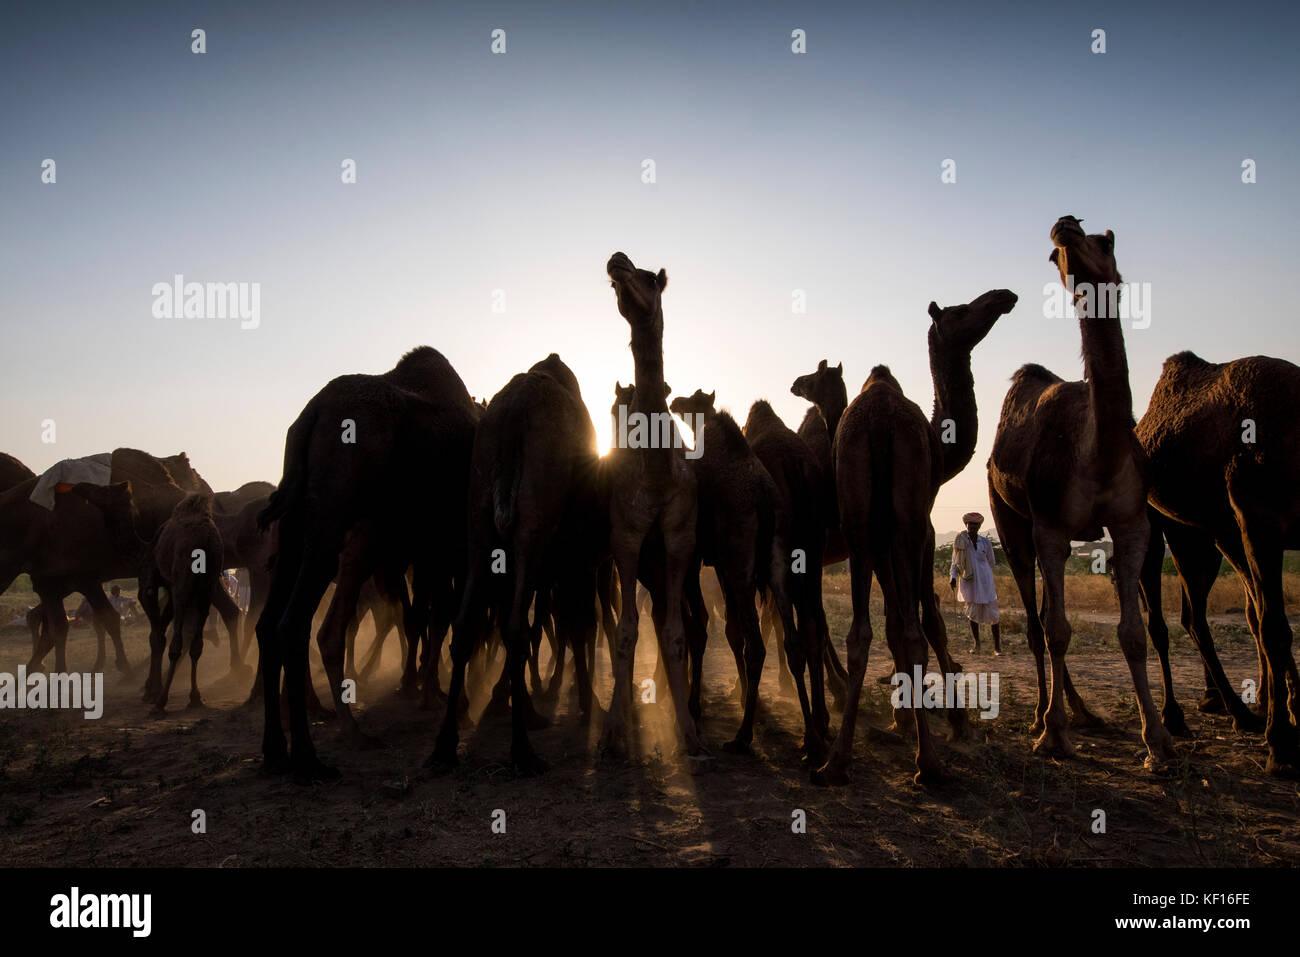 Pushkar, Indien. 24. Oktober, 2017. pushkar Camel fair. Eine Herde Kamele. Credit: ravikanth Kurma/alamy leben Nachrichten Stockbild